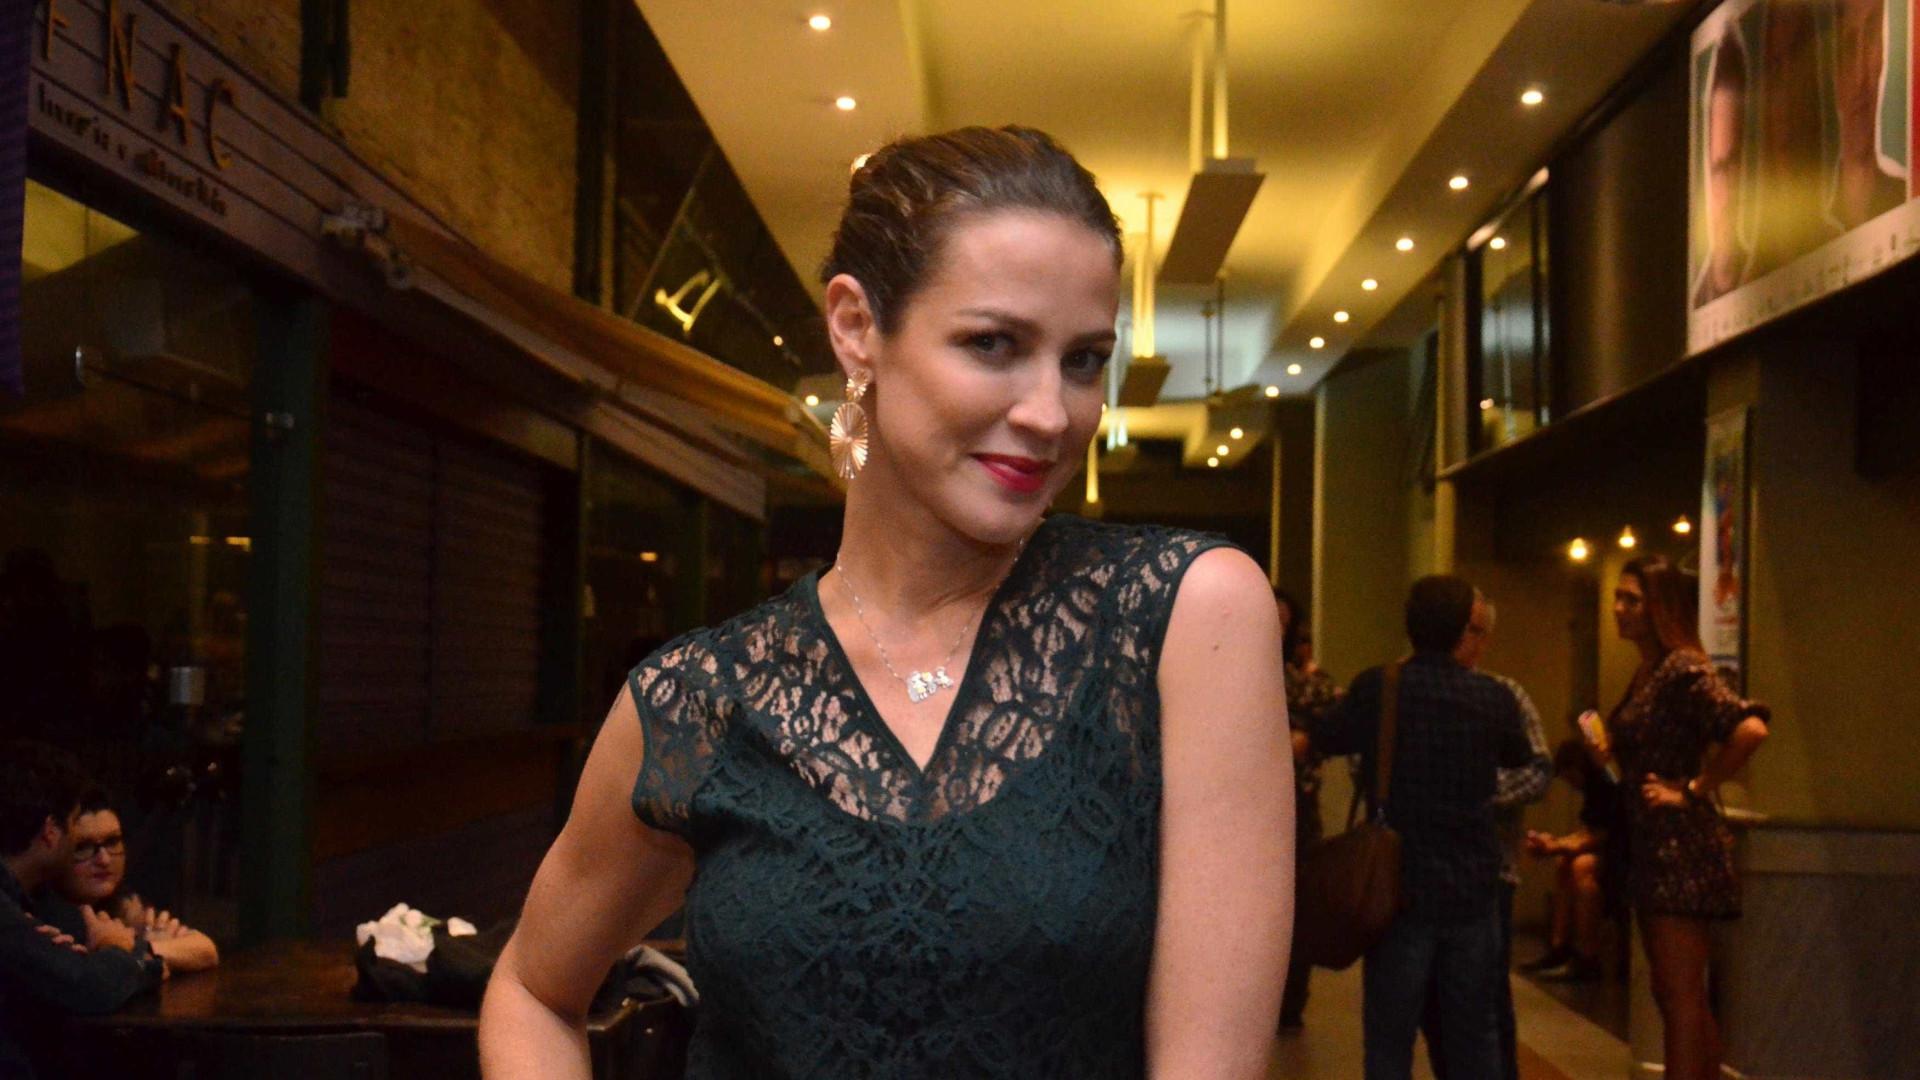 Luana Piovani deve receber R$ 300 mil por uso indevido de imagem